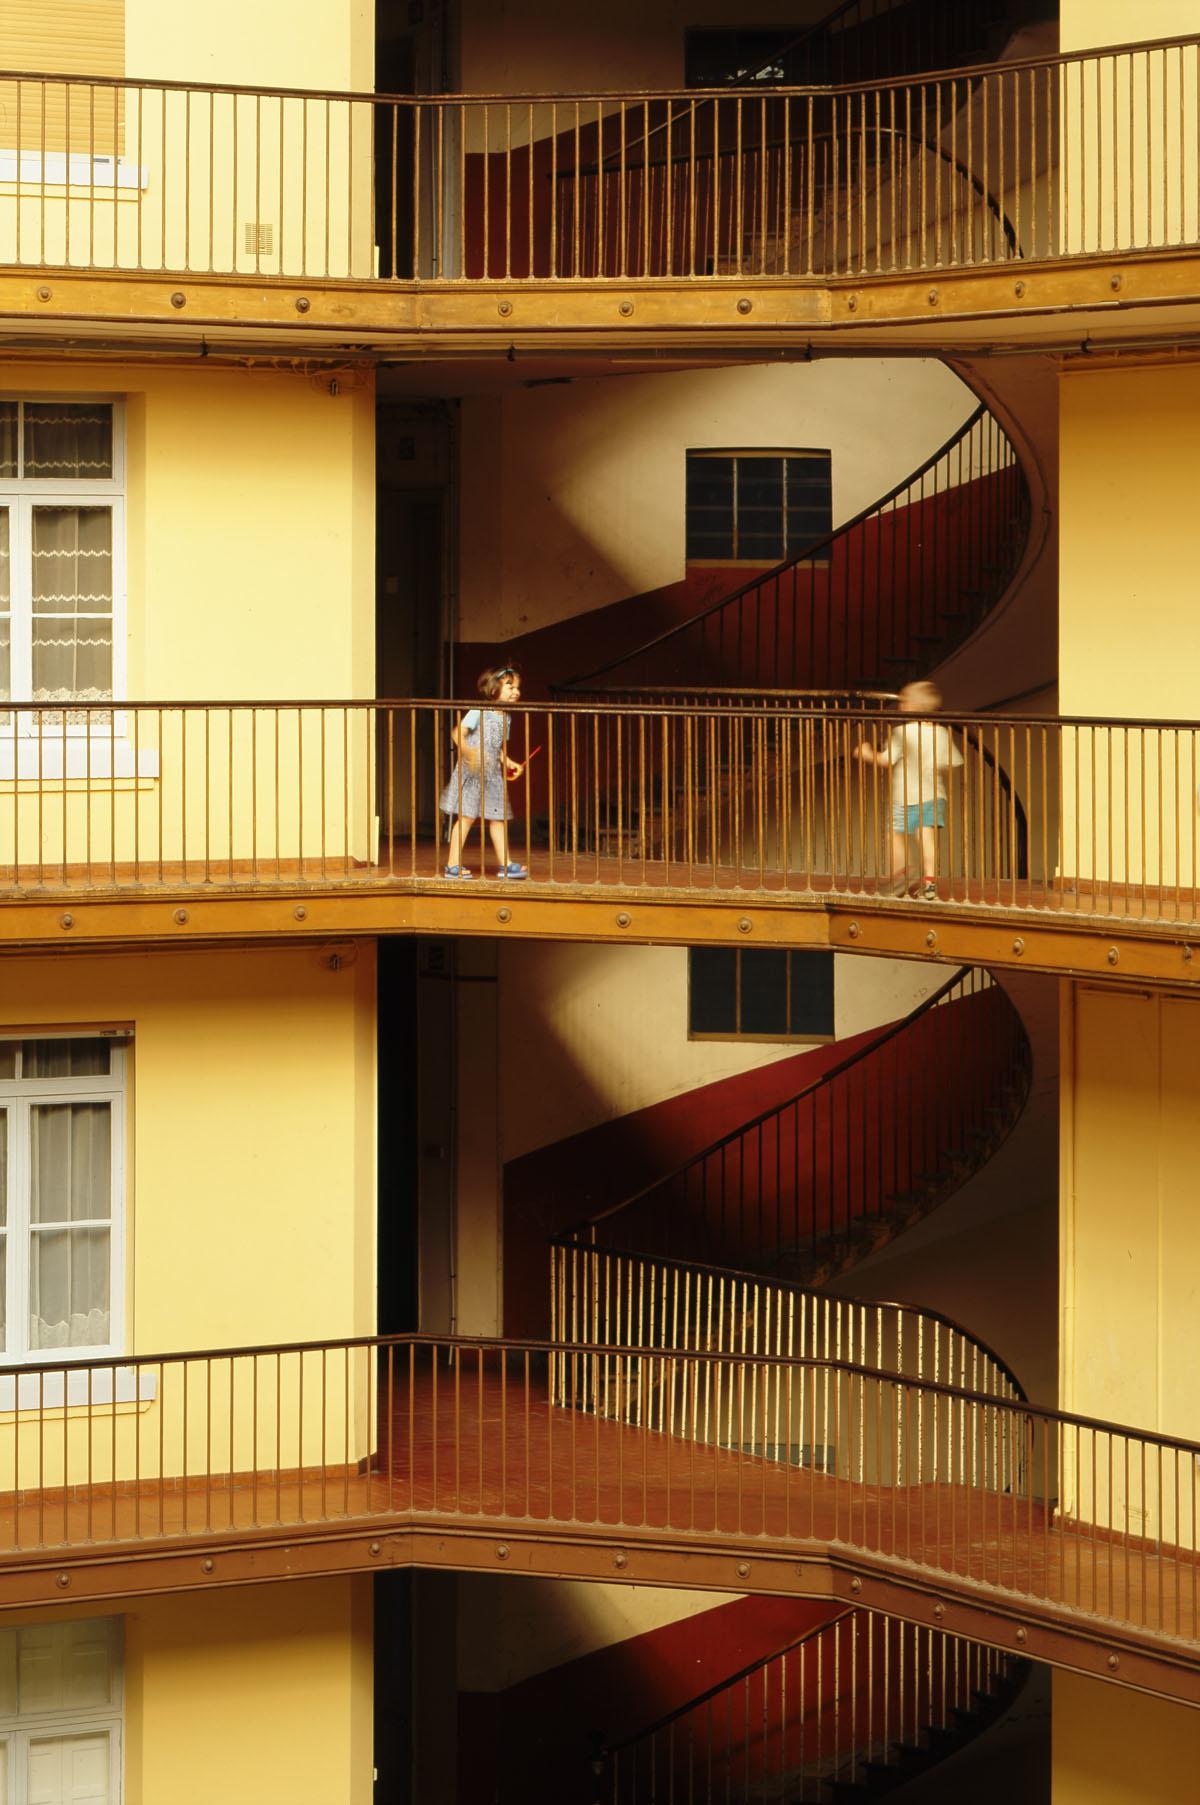 Deux enfants jouent dans la cour de l'aile droite du Palais social.